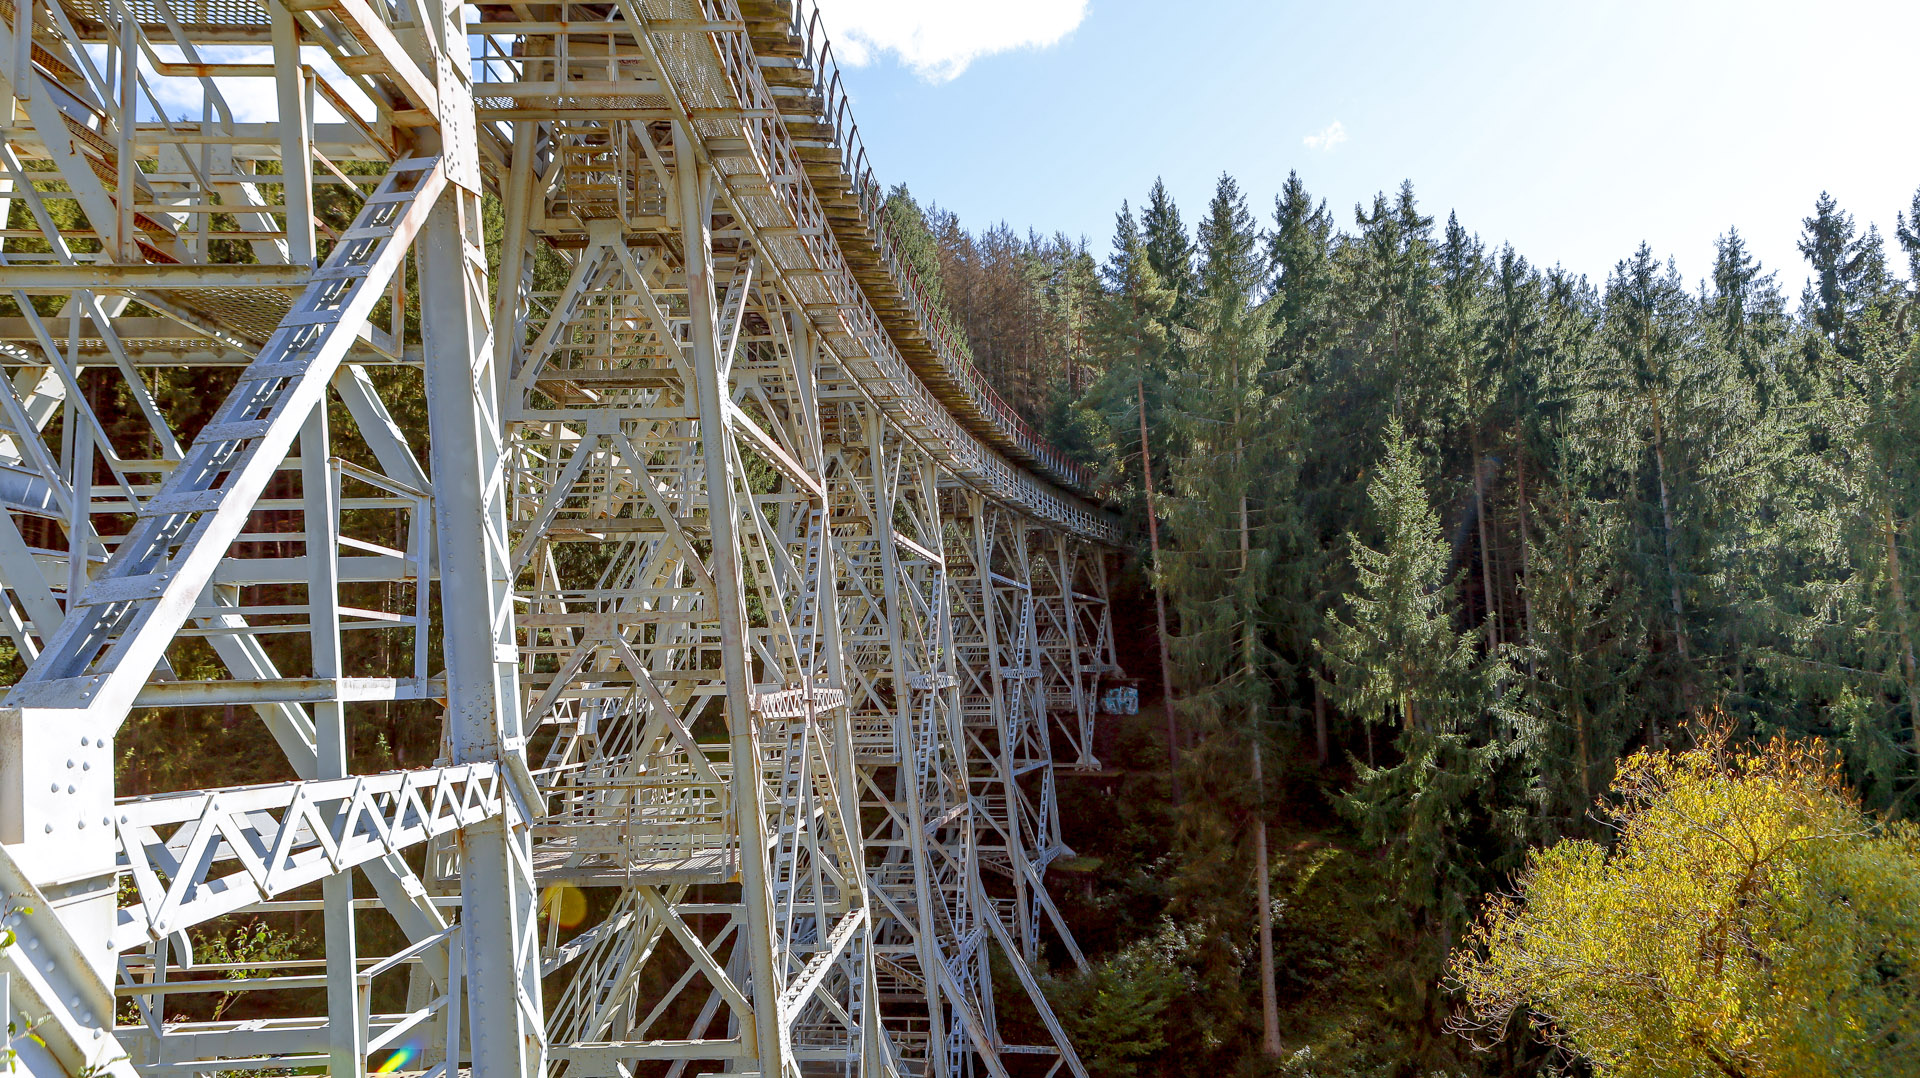 Eisenbahn Gleisanlage Ziemestalbrücke in Thüringen